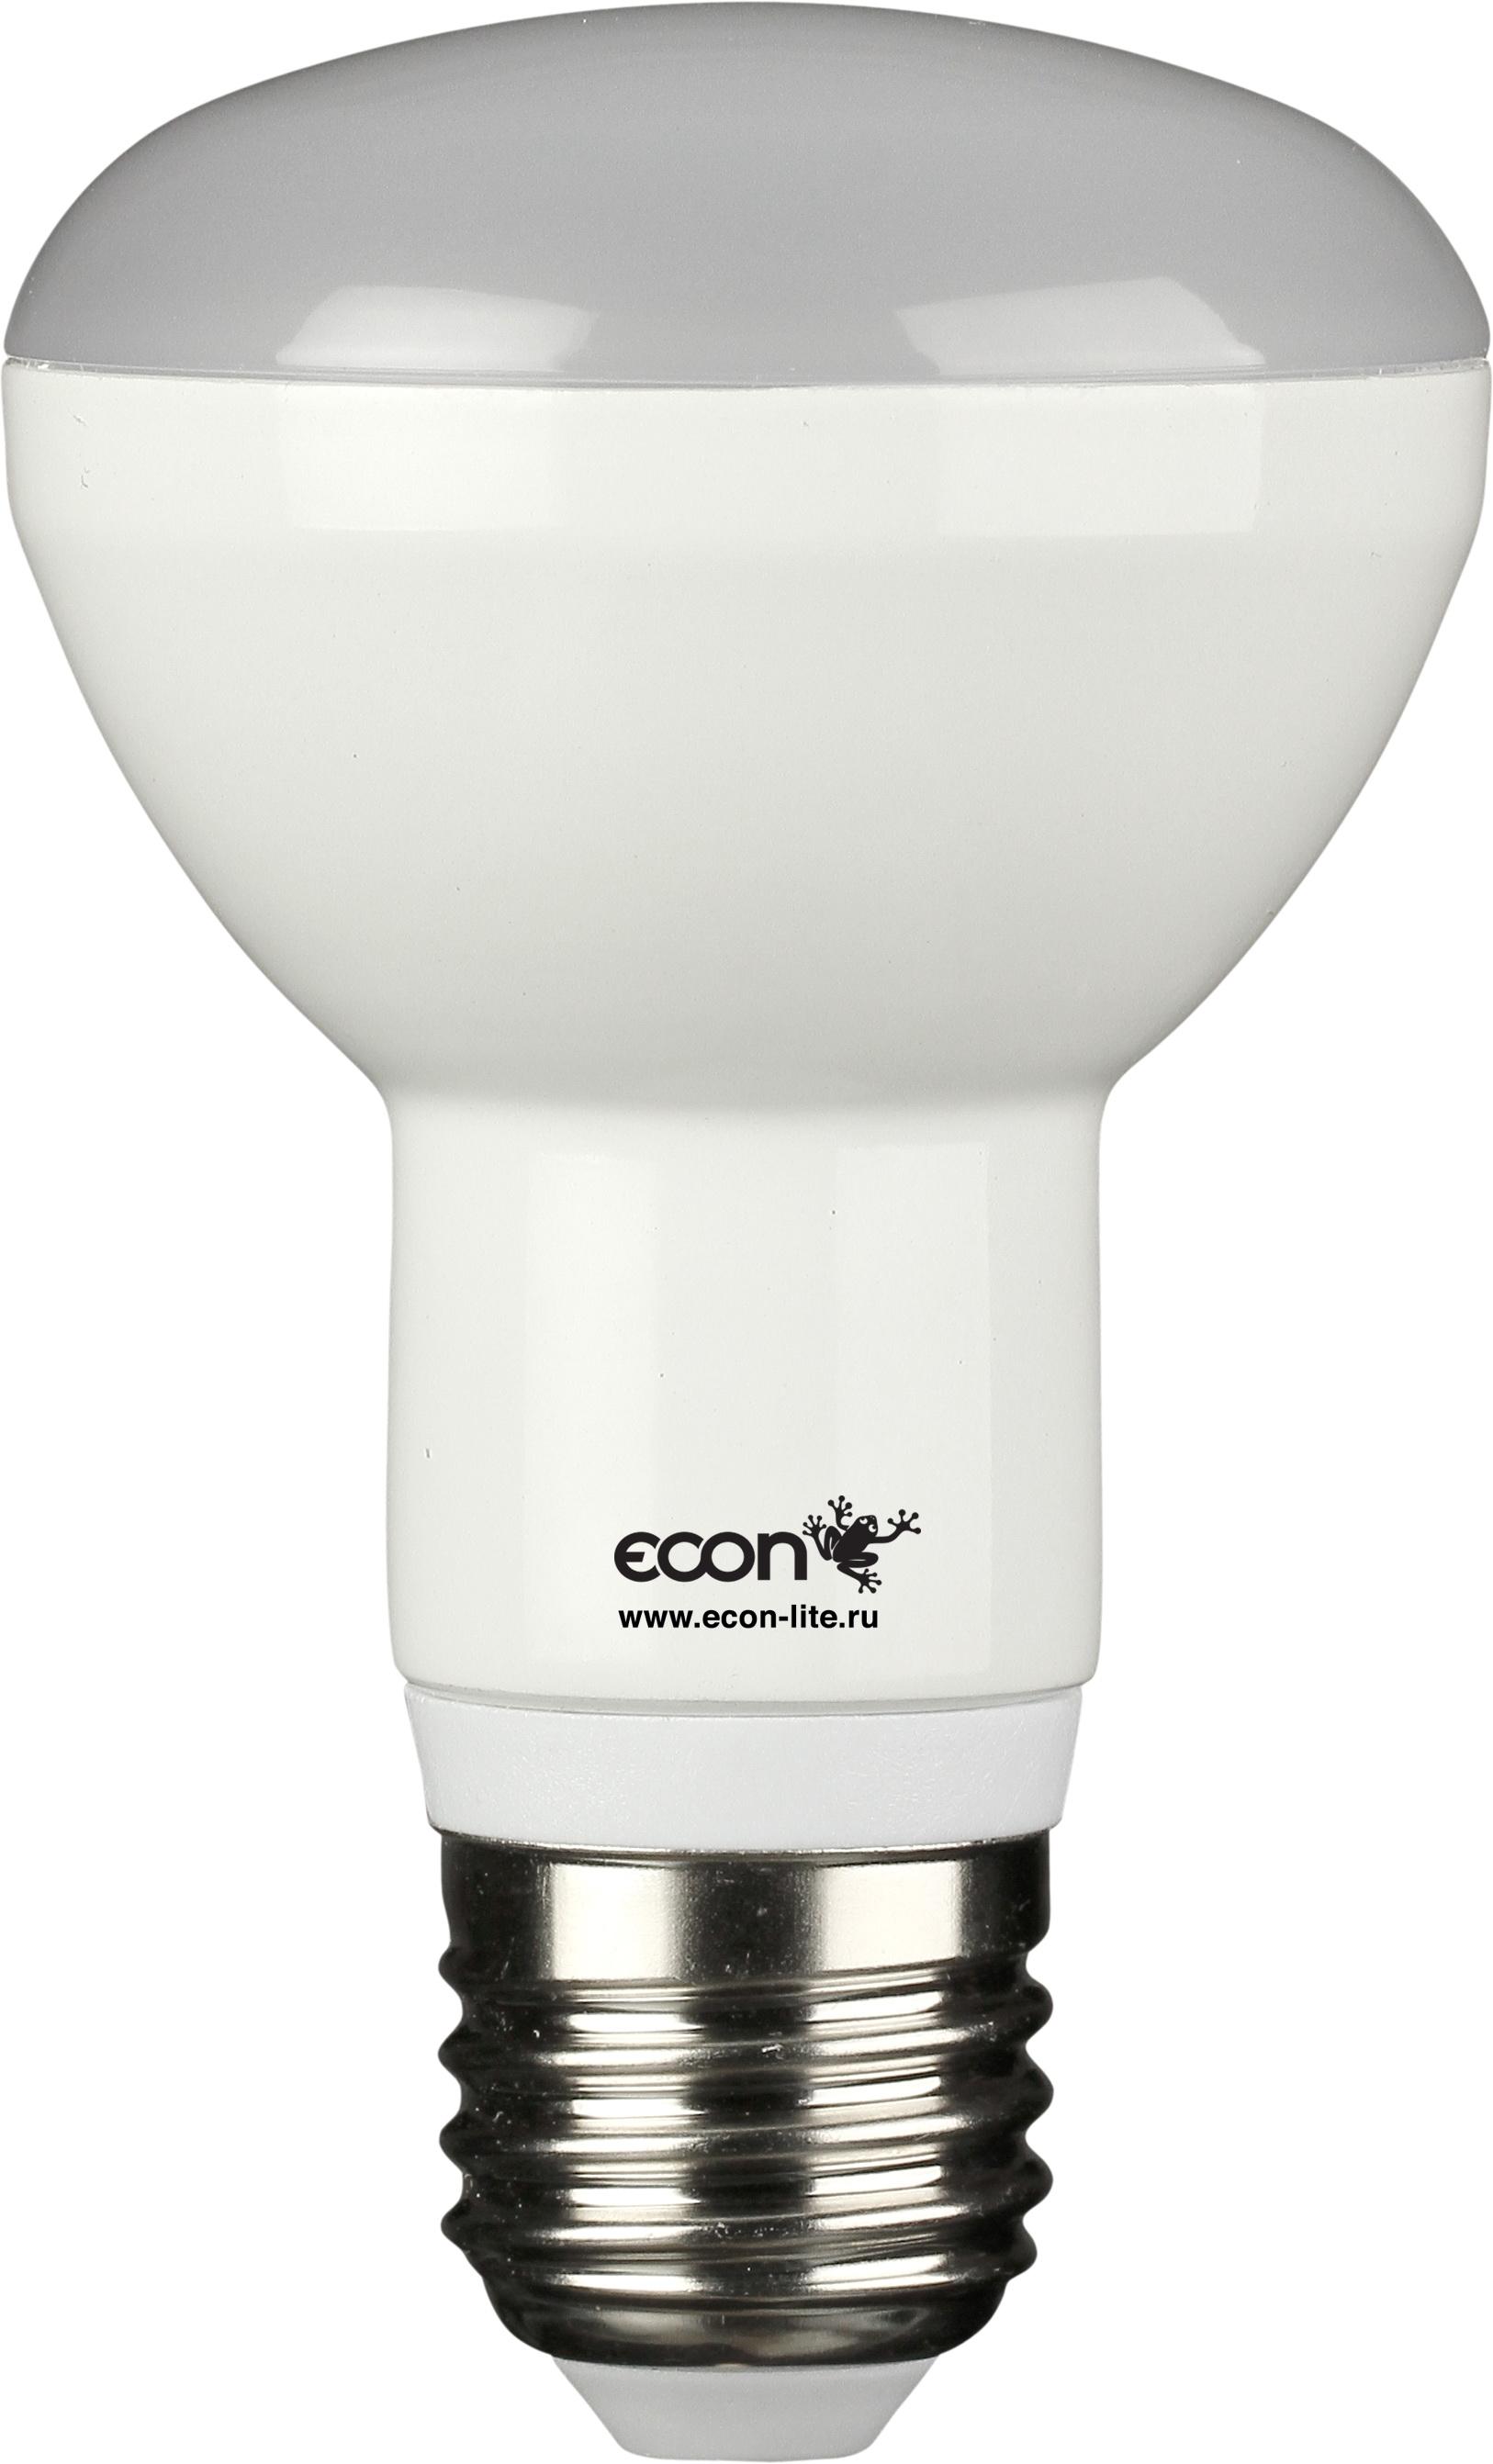 Купить Лампа светодиодная Econ Led r63 8Вт e27 4200k